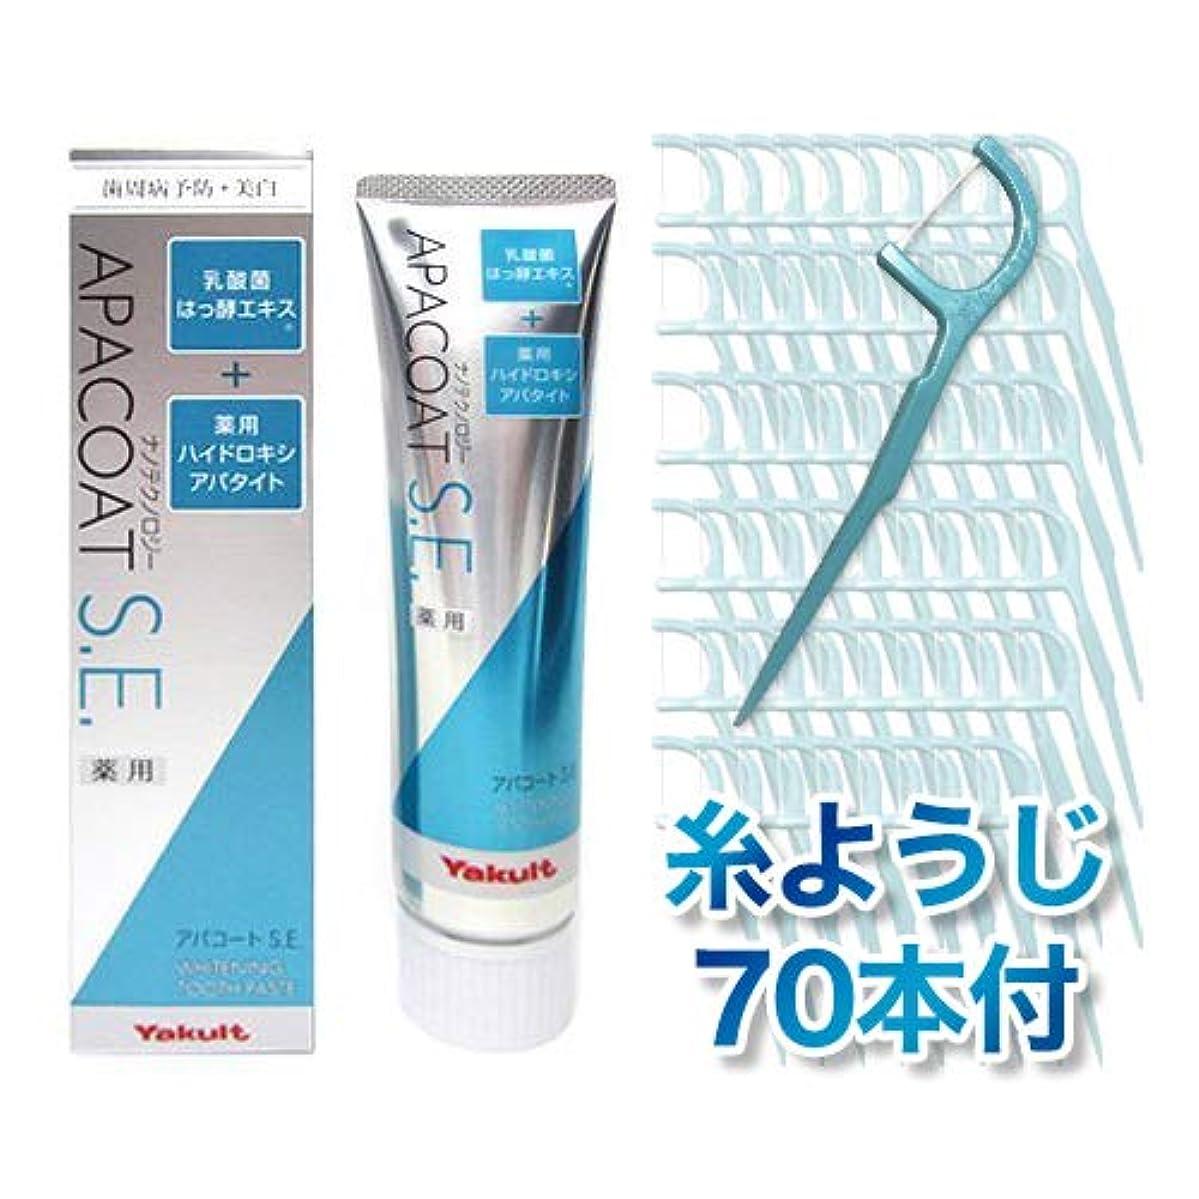 ヤクルト化粧品 薬用 アパコートS.E. (ナノテクノロジー) 120g REOオリジナル糸ようじ70本セット